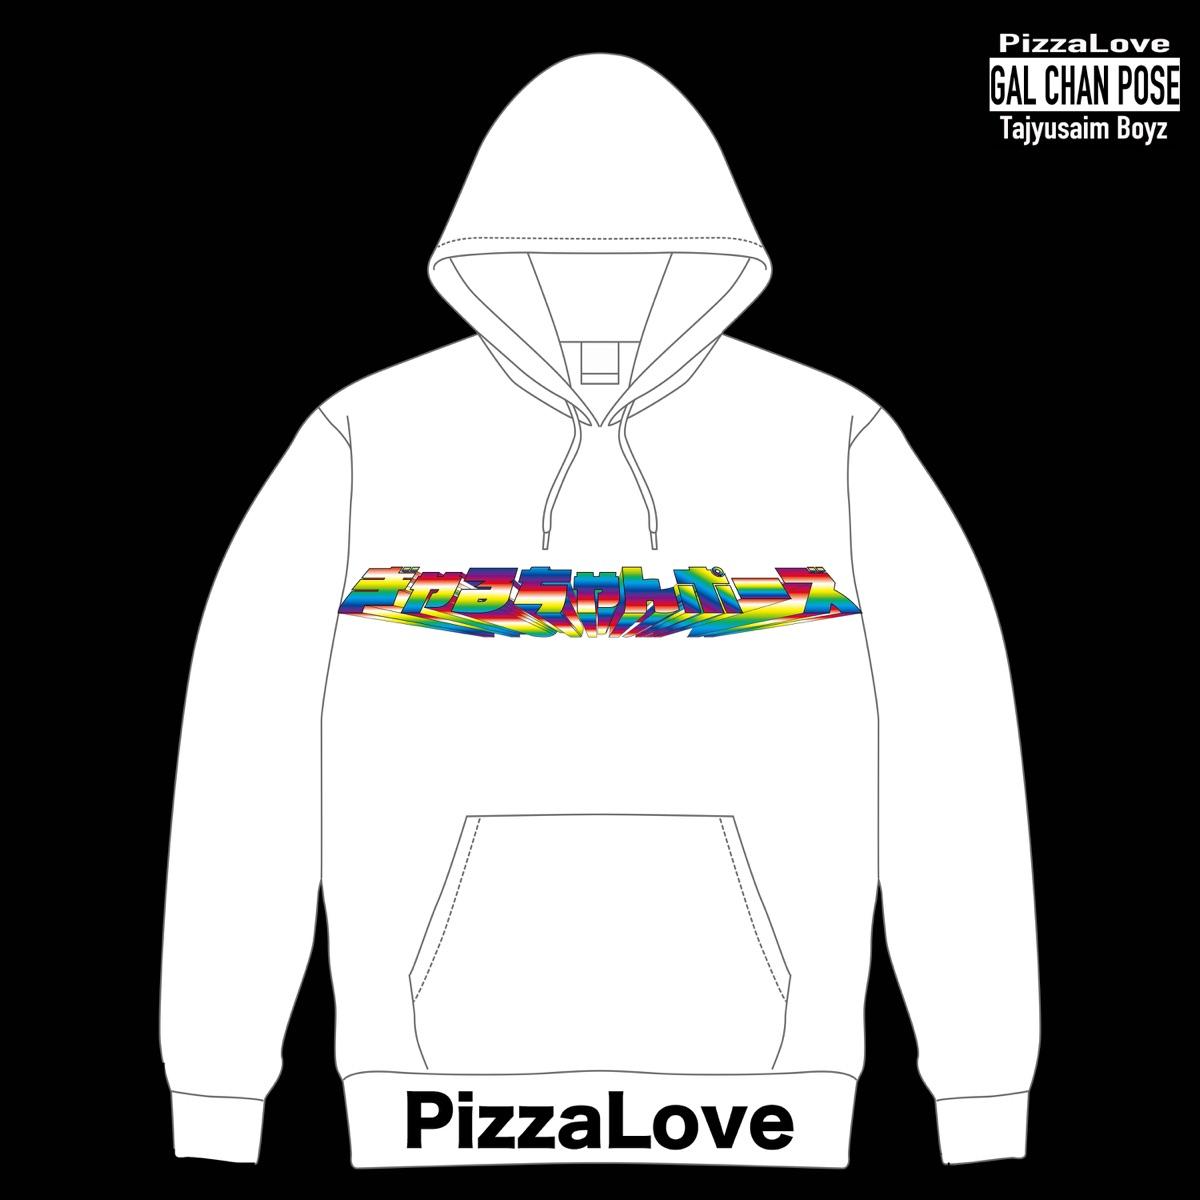 『PizzaLove - ギャルちゃんポーズ』収録の『ギャルちゃんポーズ』ジャケット